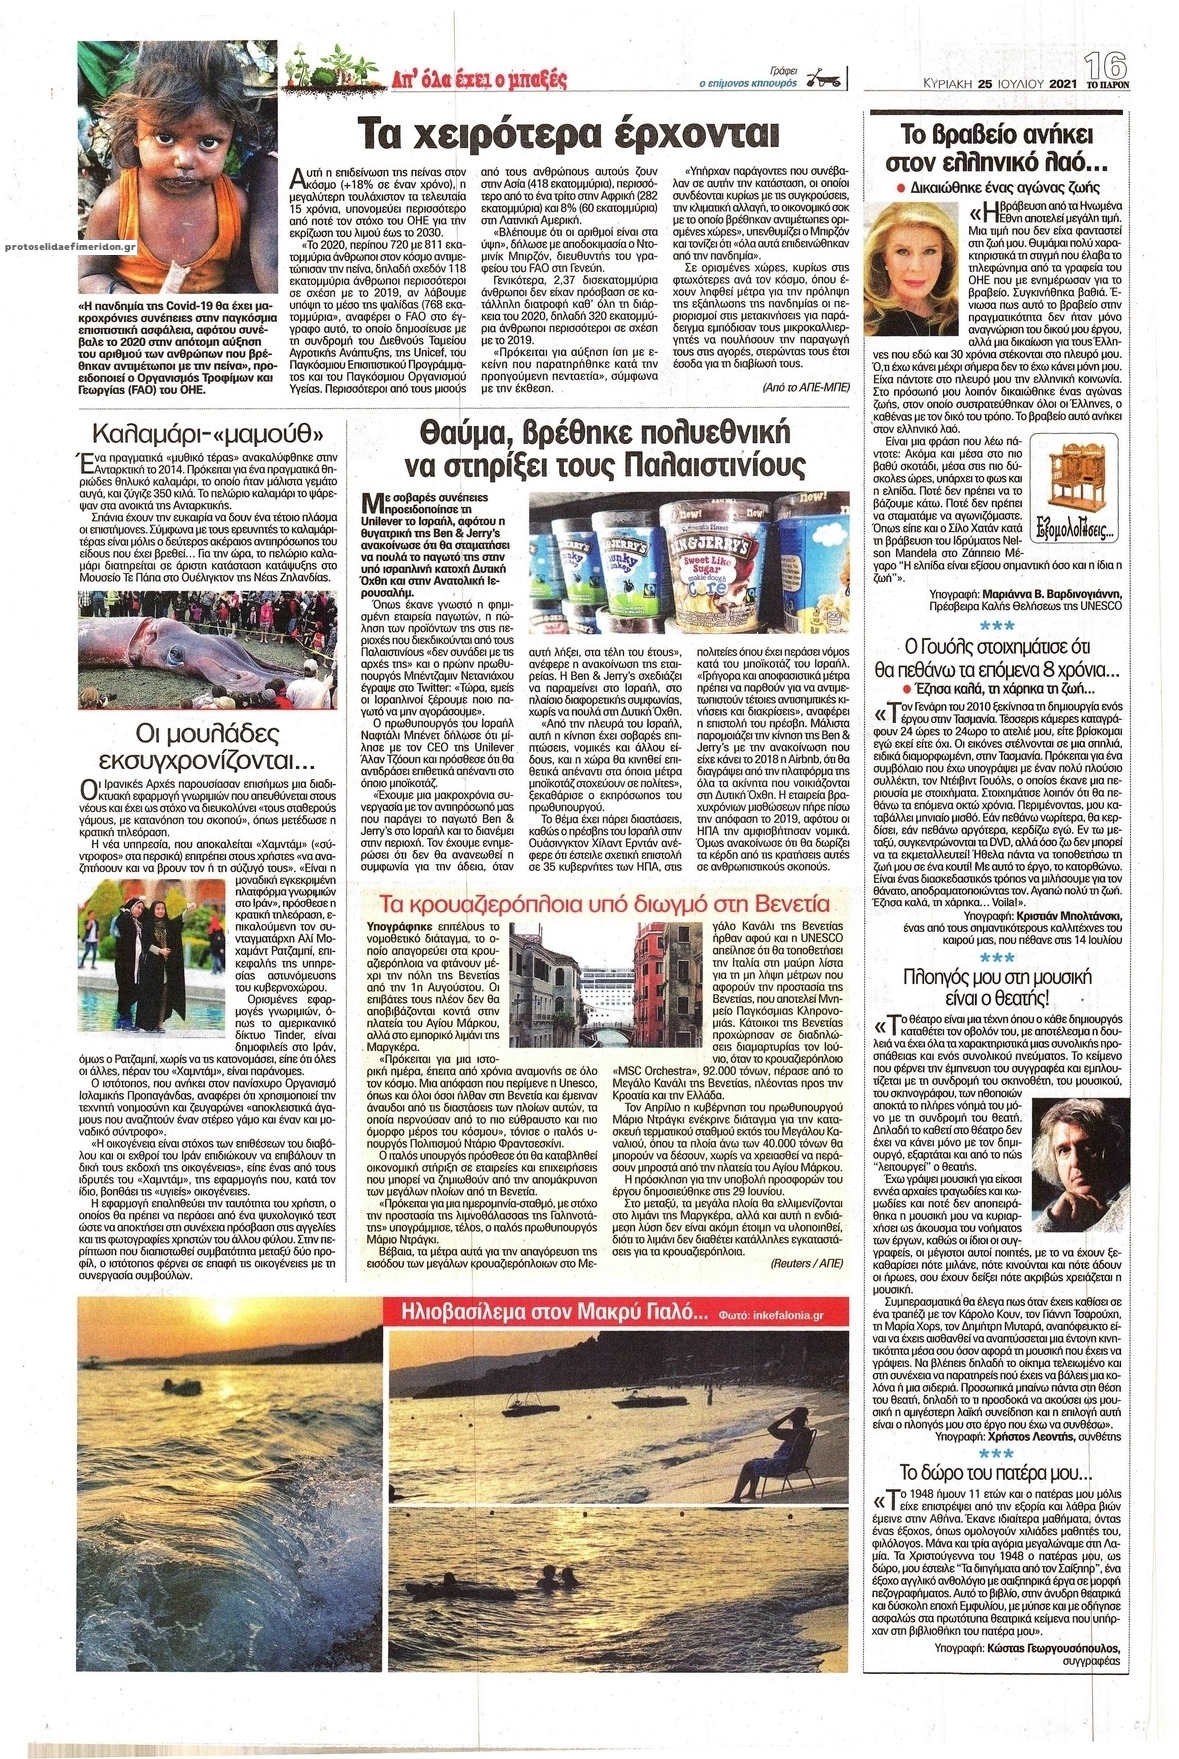 Οπισθόφυλλο εφημερίδας Το Παρόν